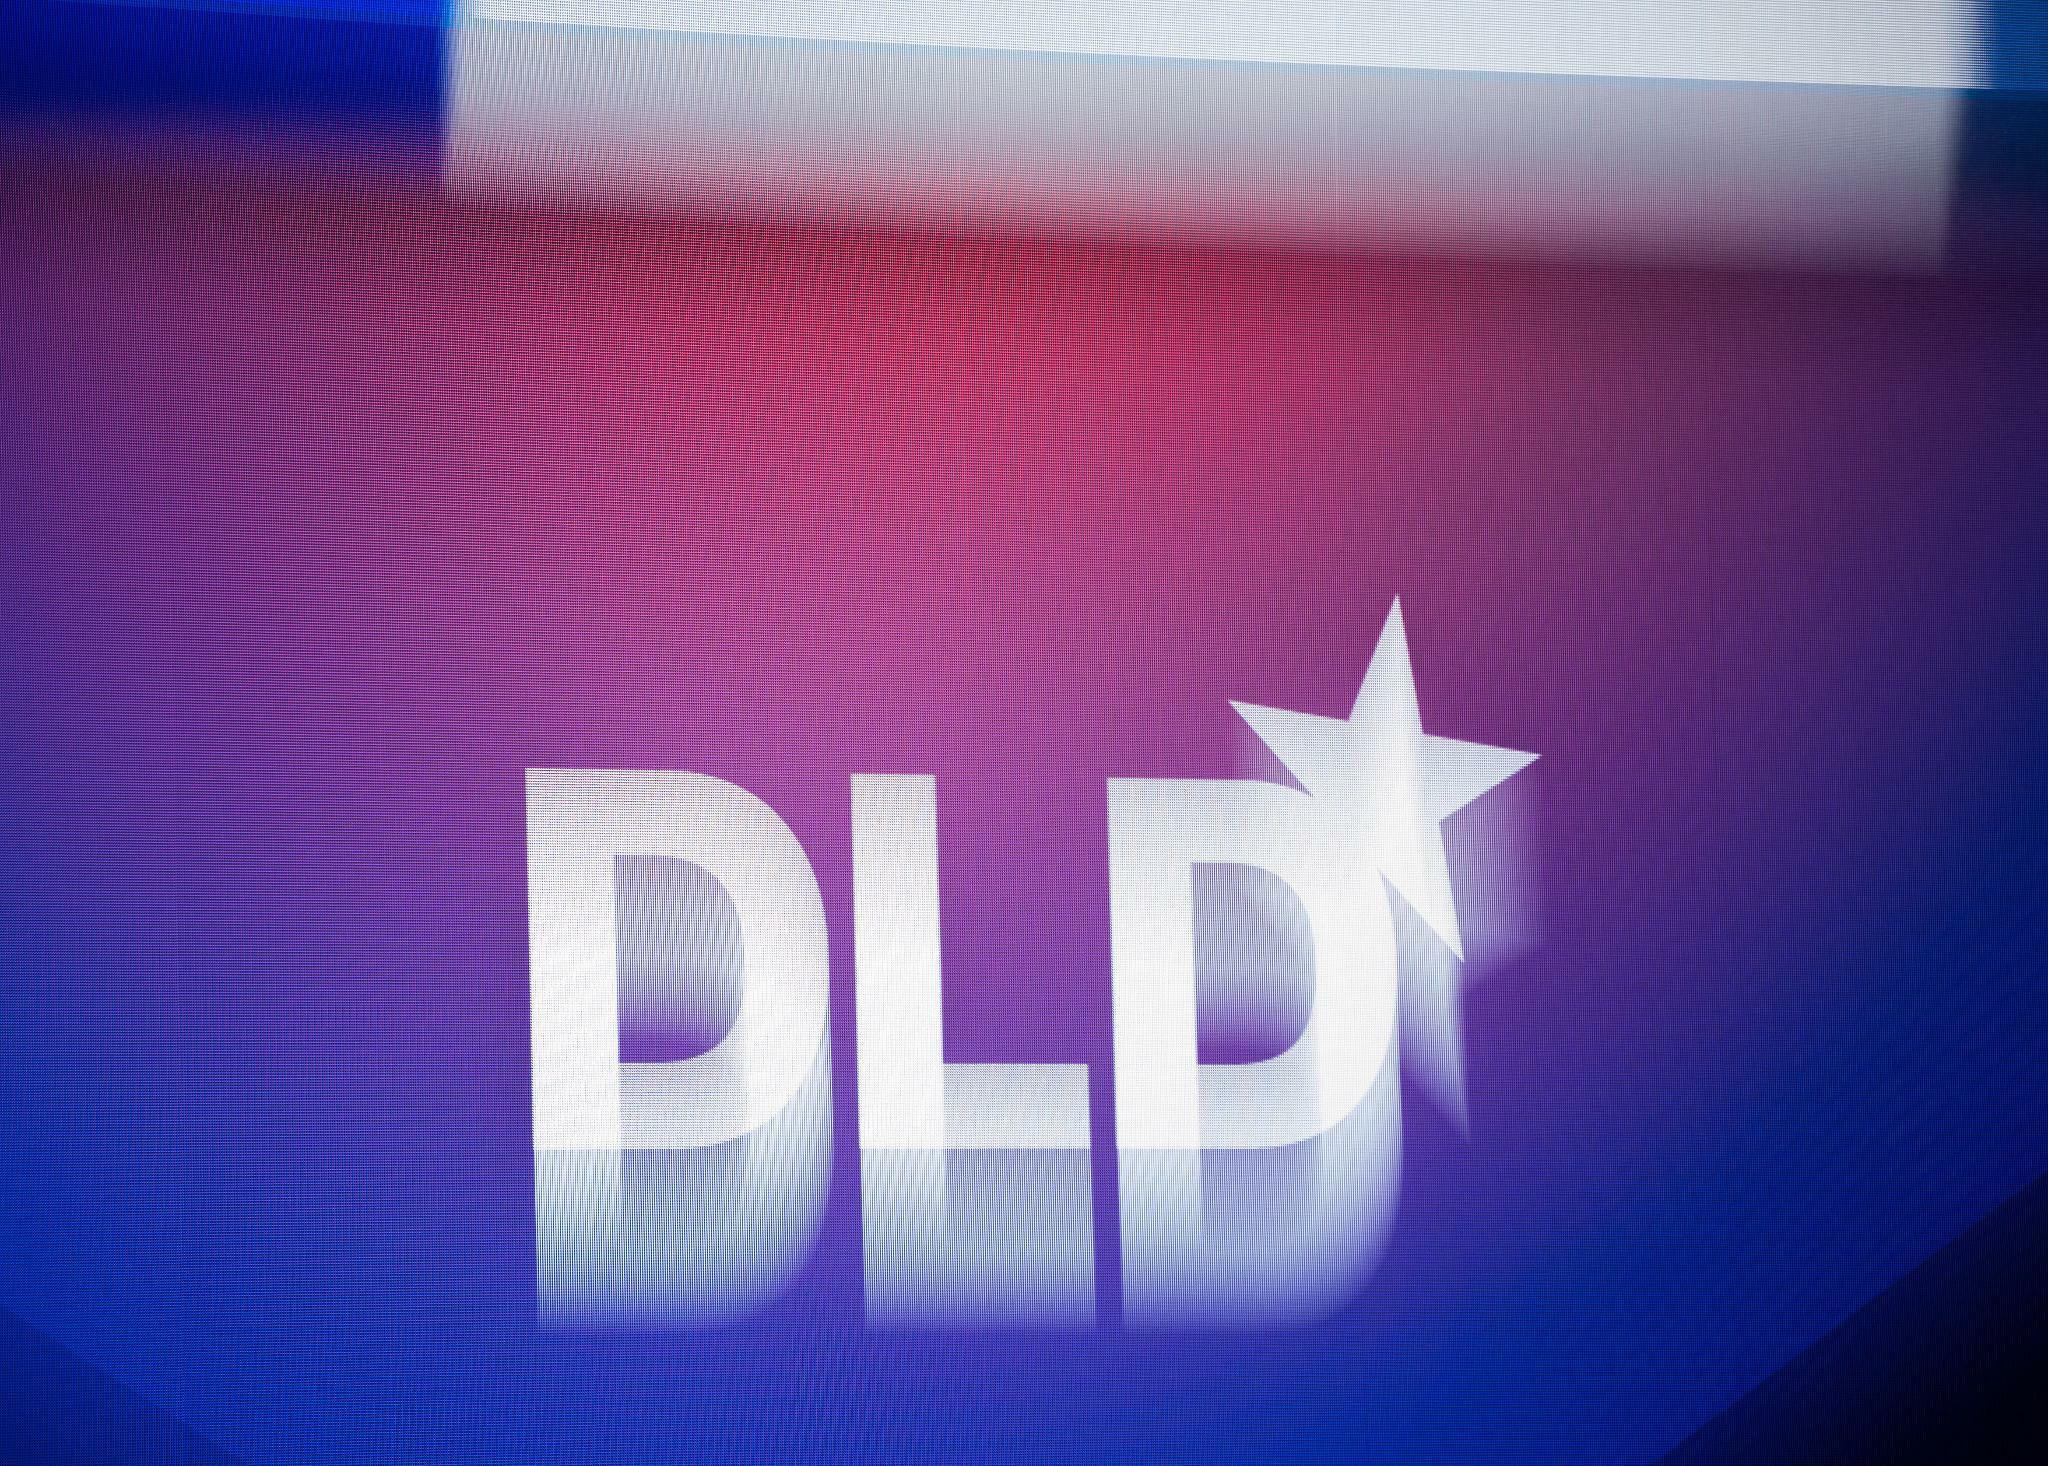 Das sind die sieben wichtigsten Erkenntnisse der Digitalkonferenz DLD